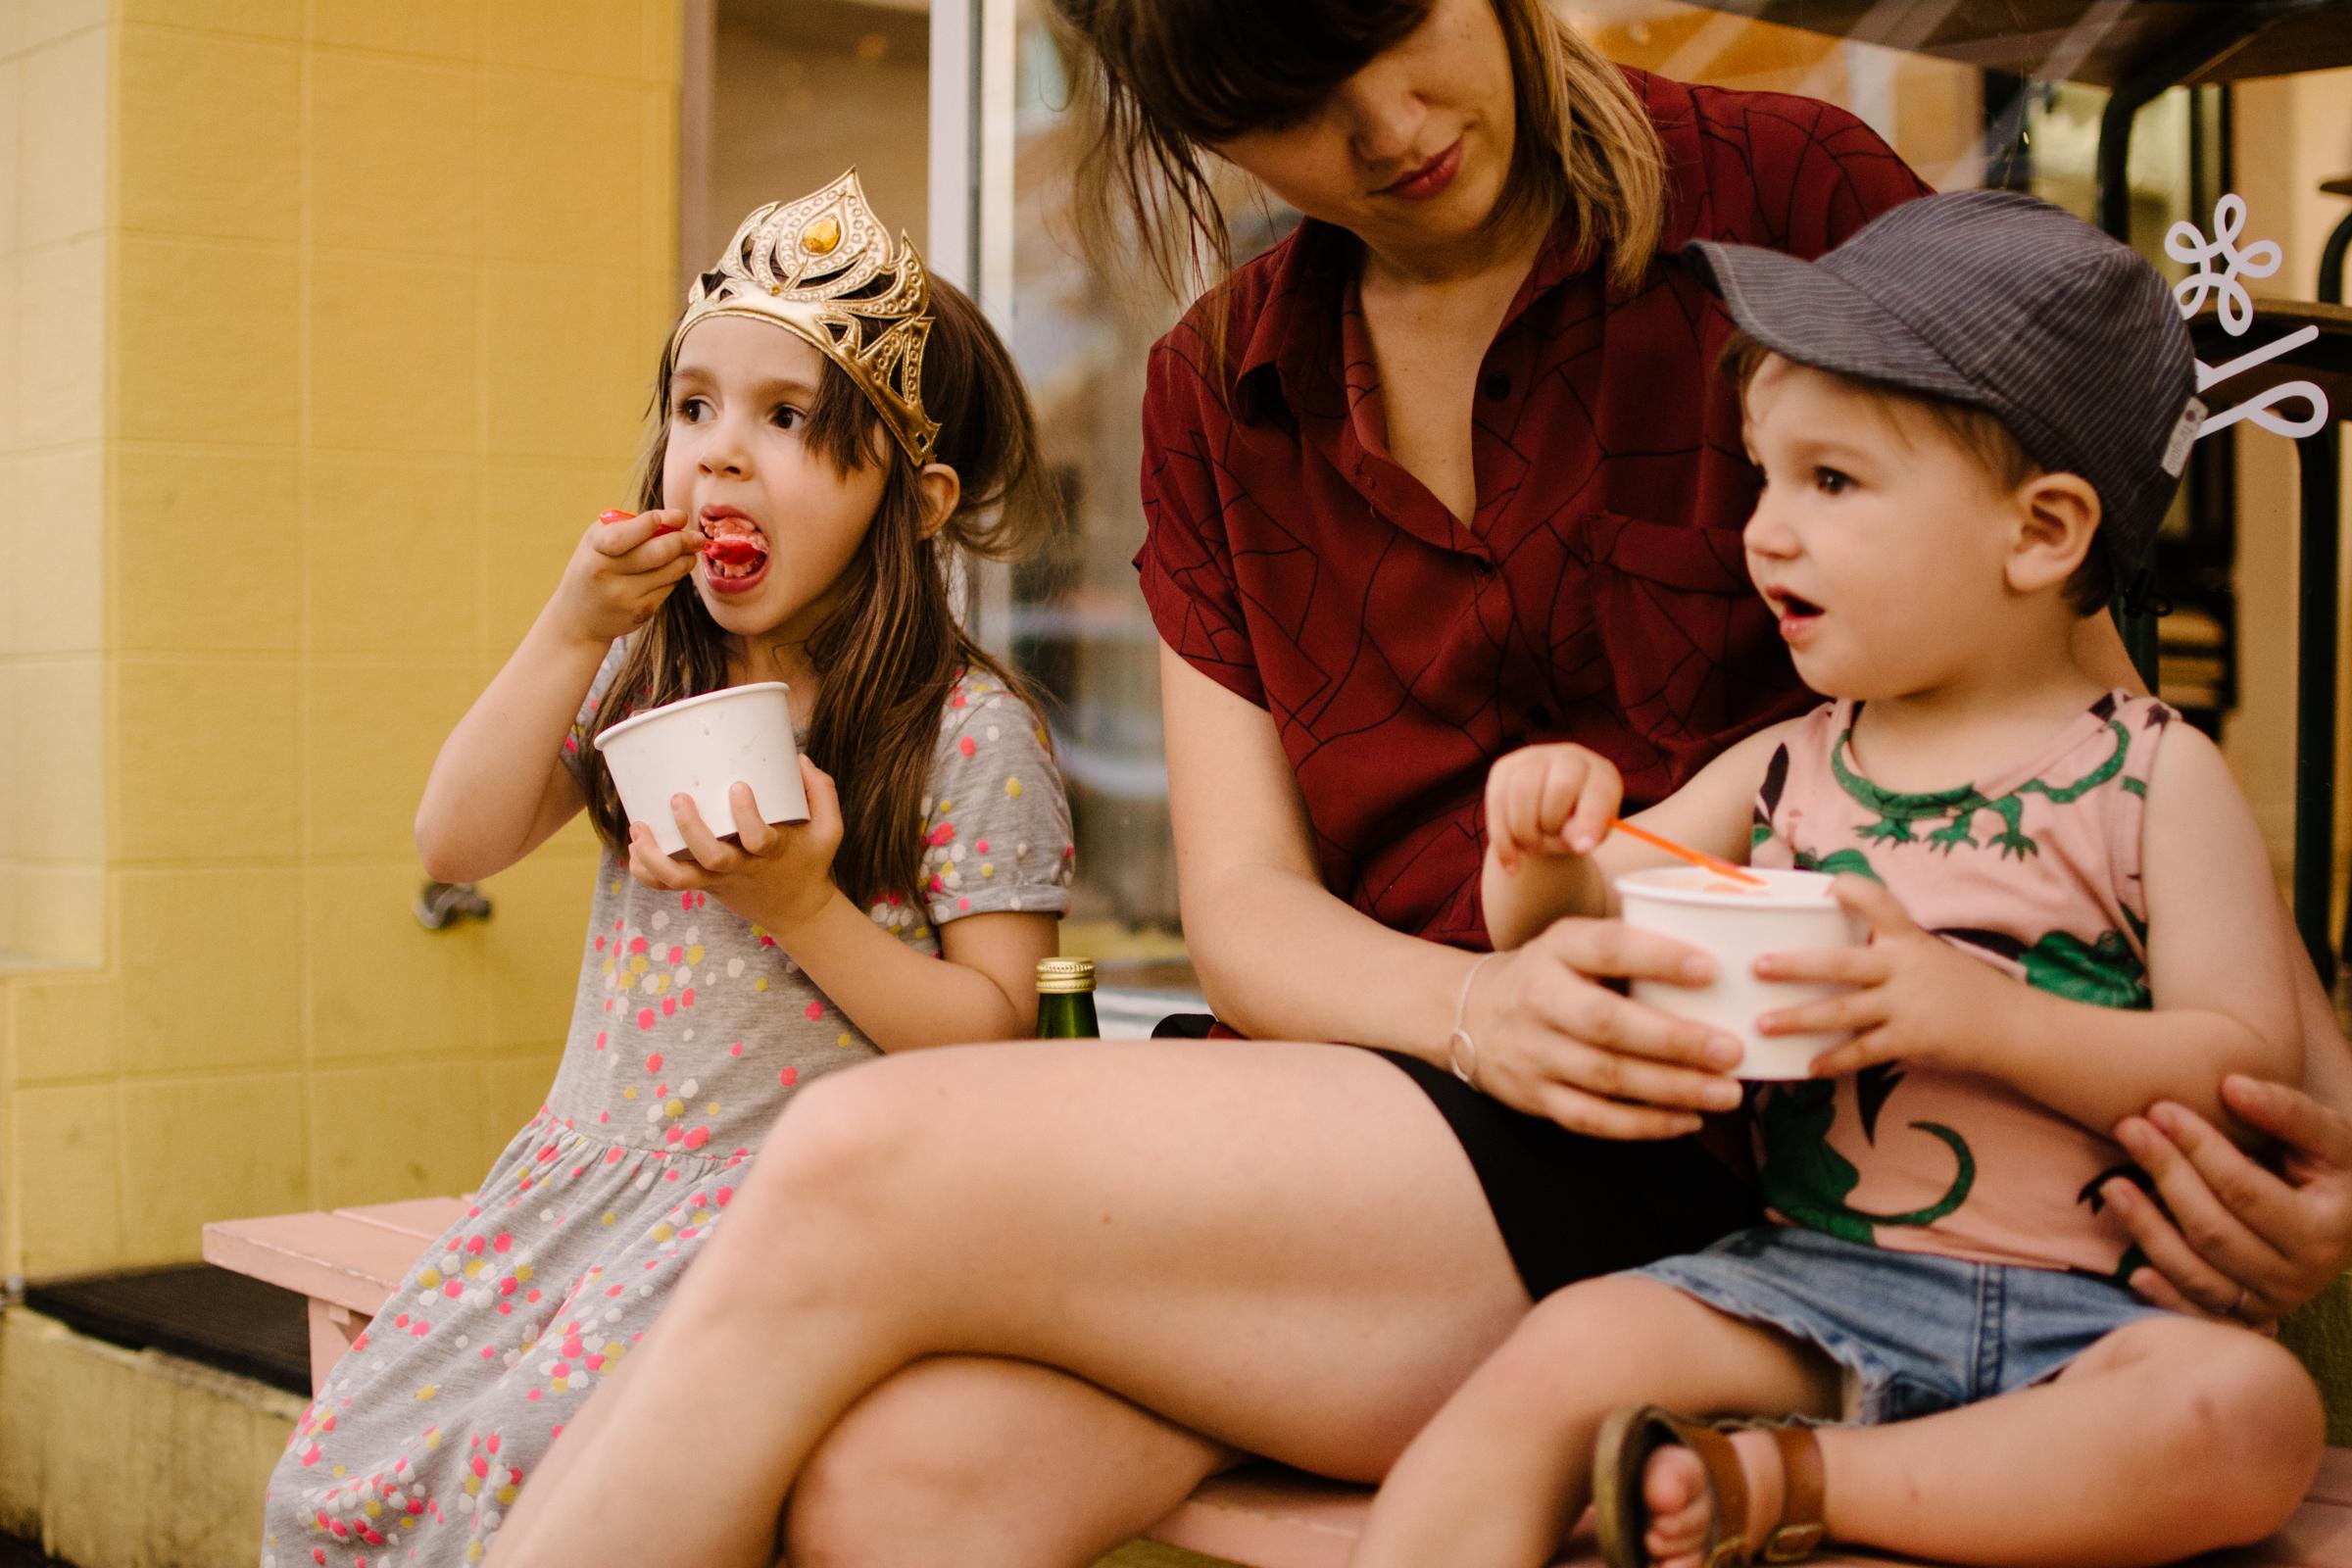 photo-d-une-mere-et-ses-enfants-devant-une-cremerie-photographe-lifestyle-de-famille-a-montreal-marianne-charland-086.jpg